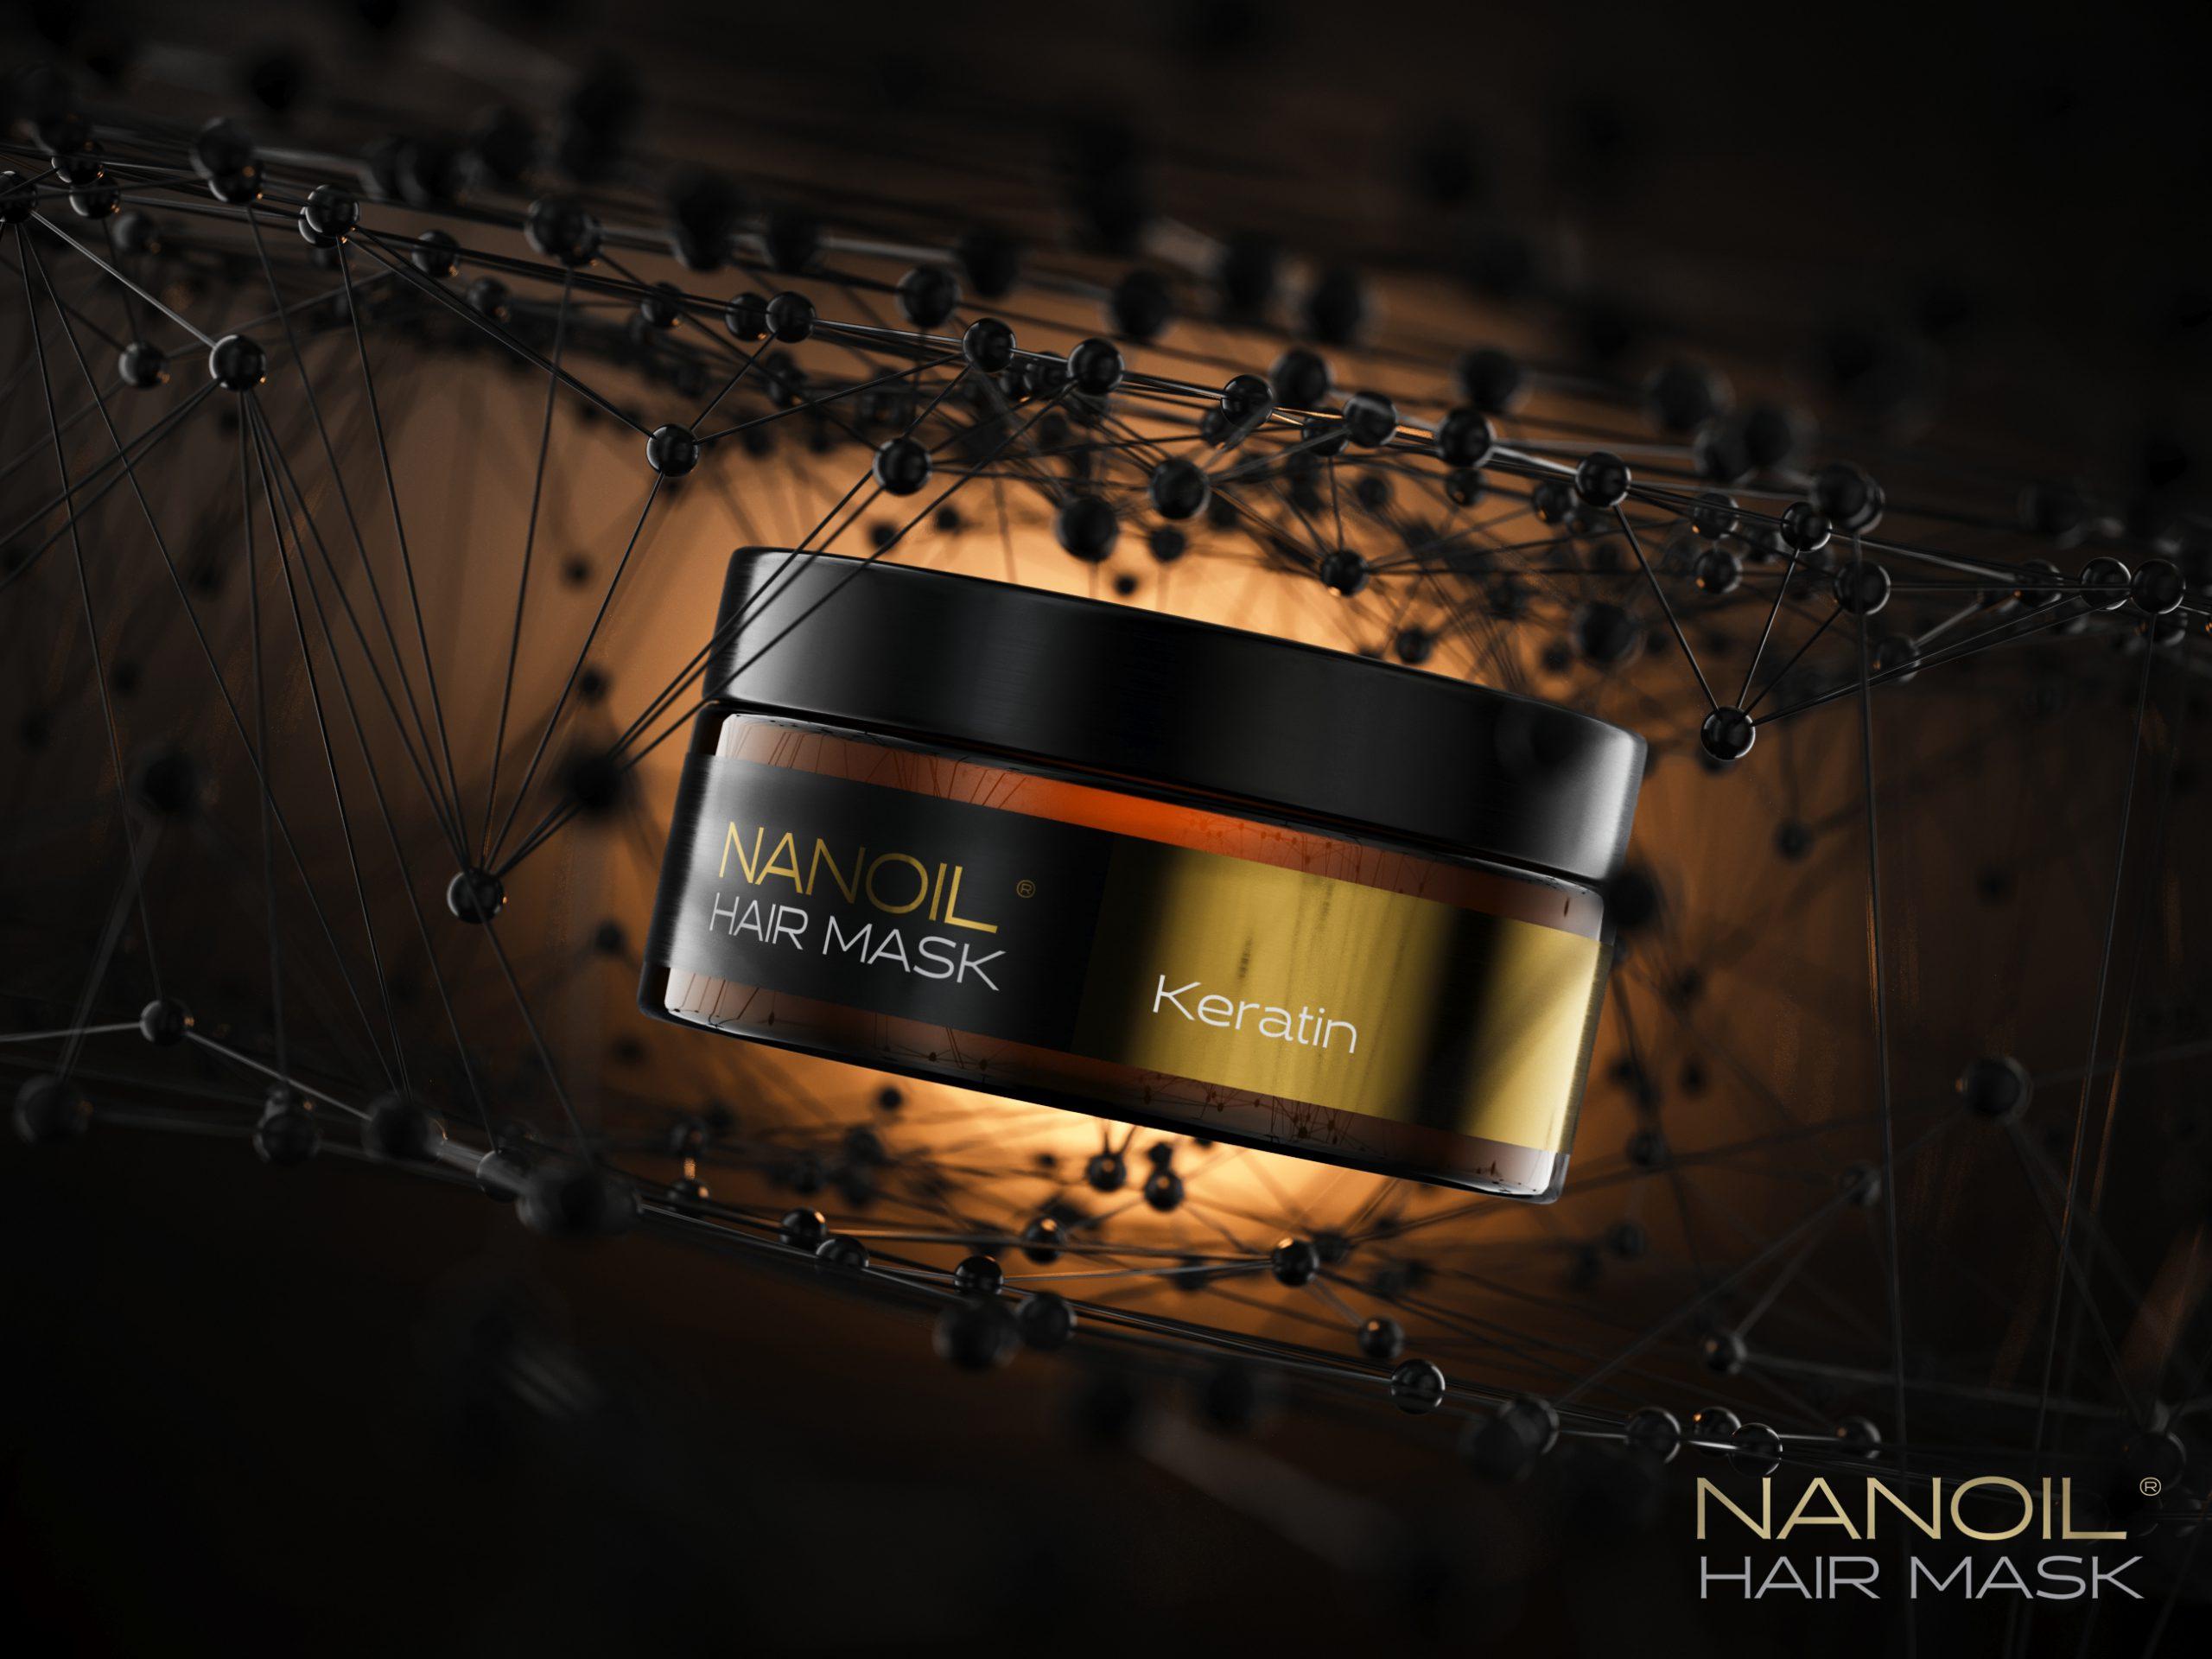 Pflege der strapazierten Haare: Ich stelle euch meine Lieblingsmaske mit Keratin von Nanoil vor!